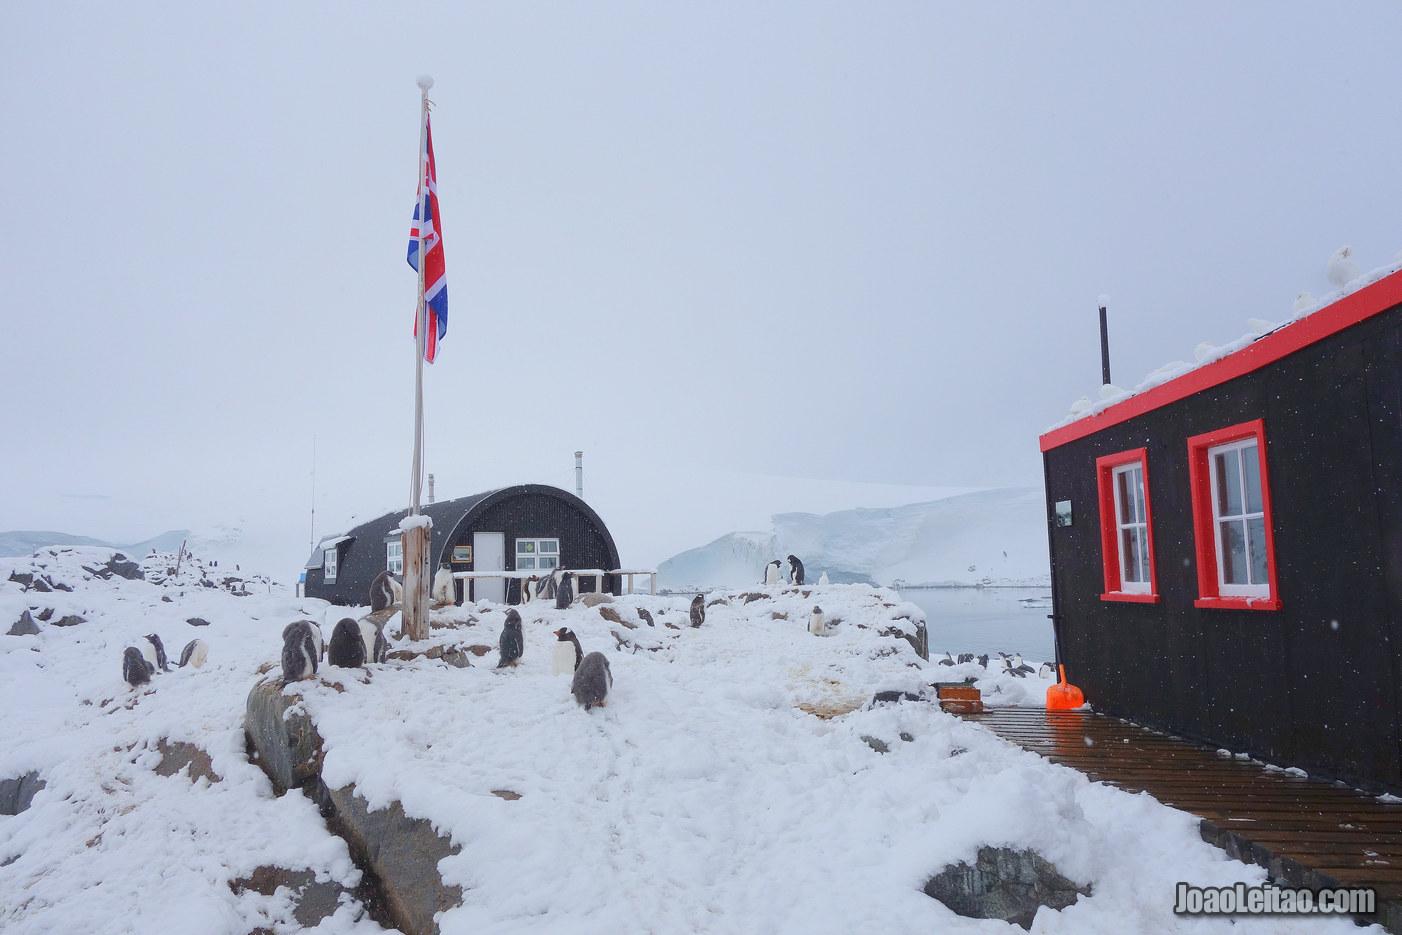 Visitar a Antártida - 17 Locais maravilhosos a não perder 3